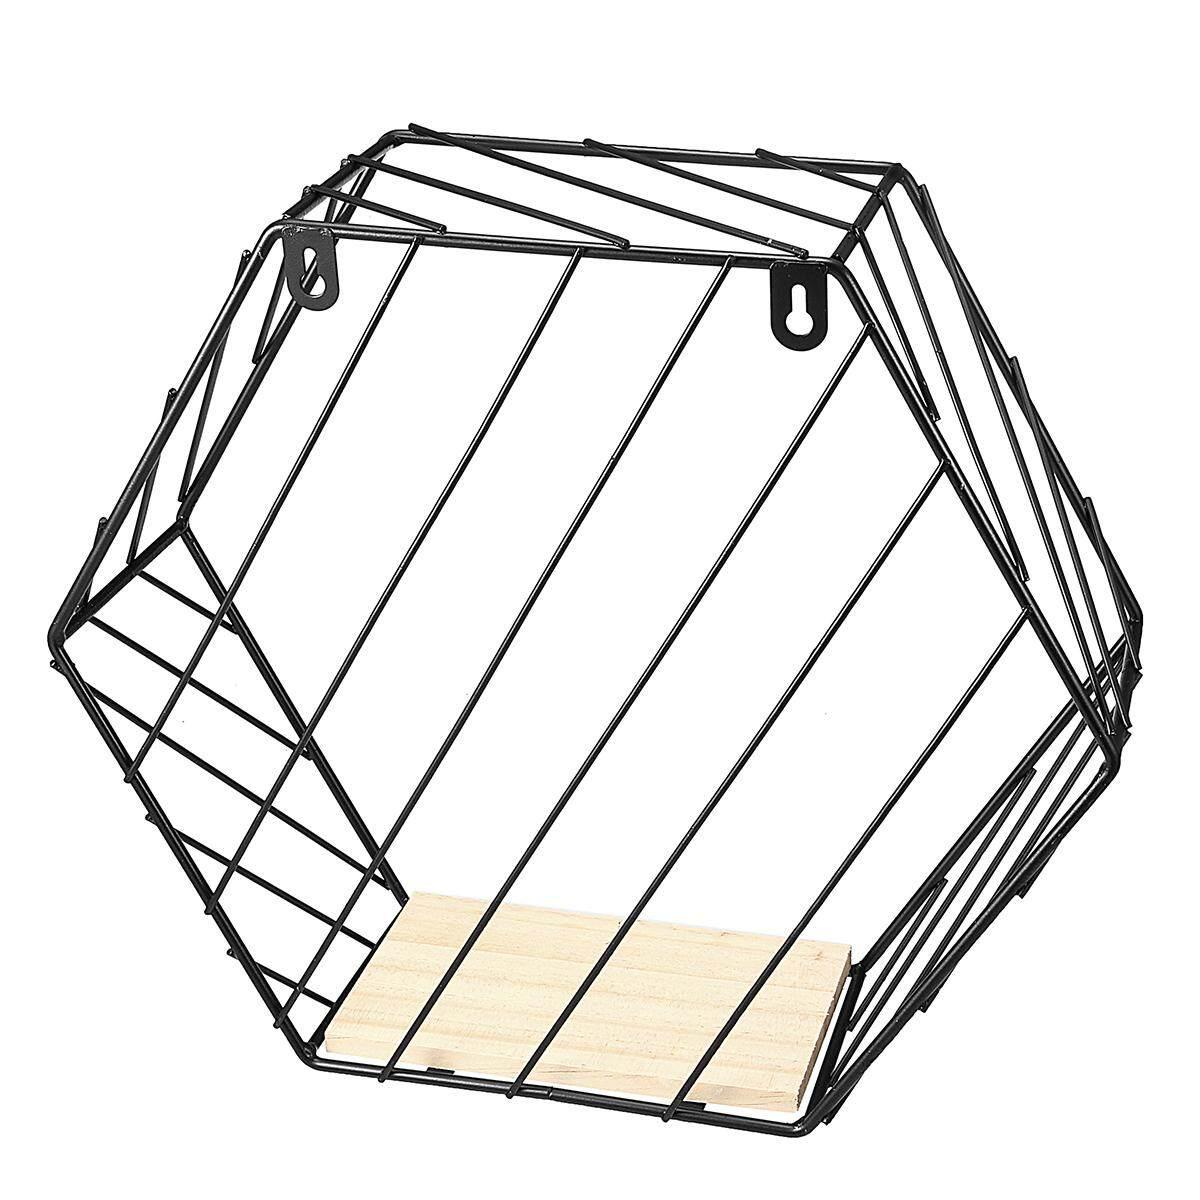 Storage Holders & Racks for Living Room - intl